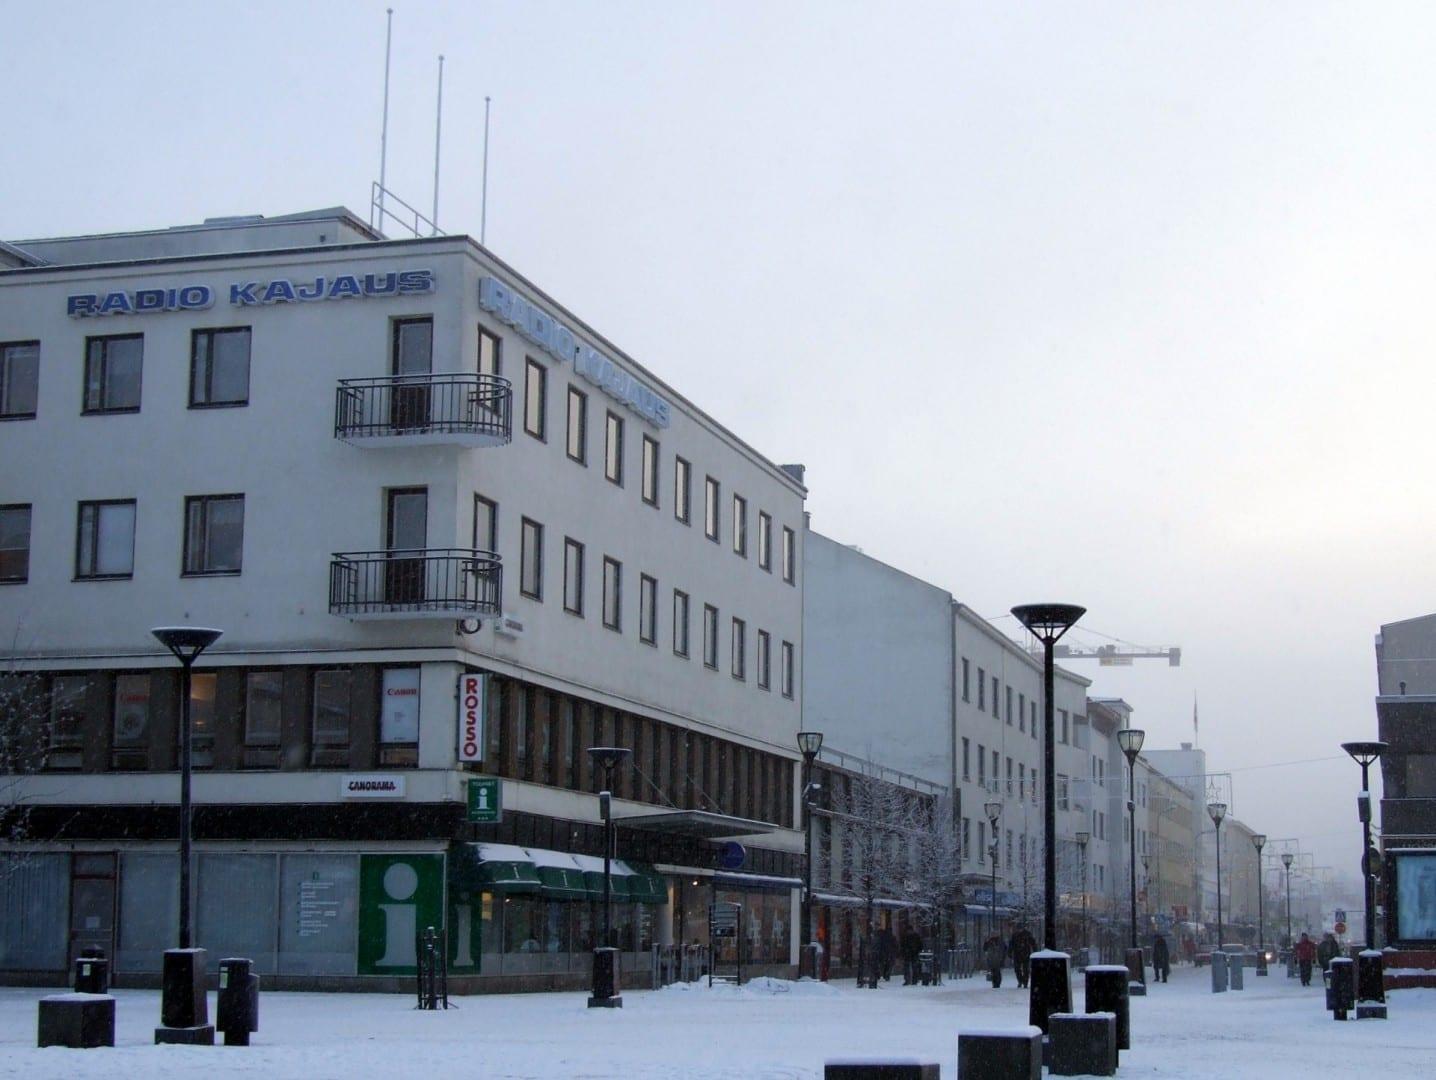 La calle principal de Kajaani en enero. Kajaani Finlandia